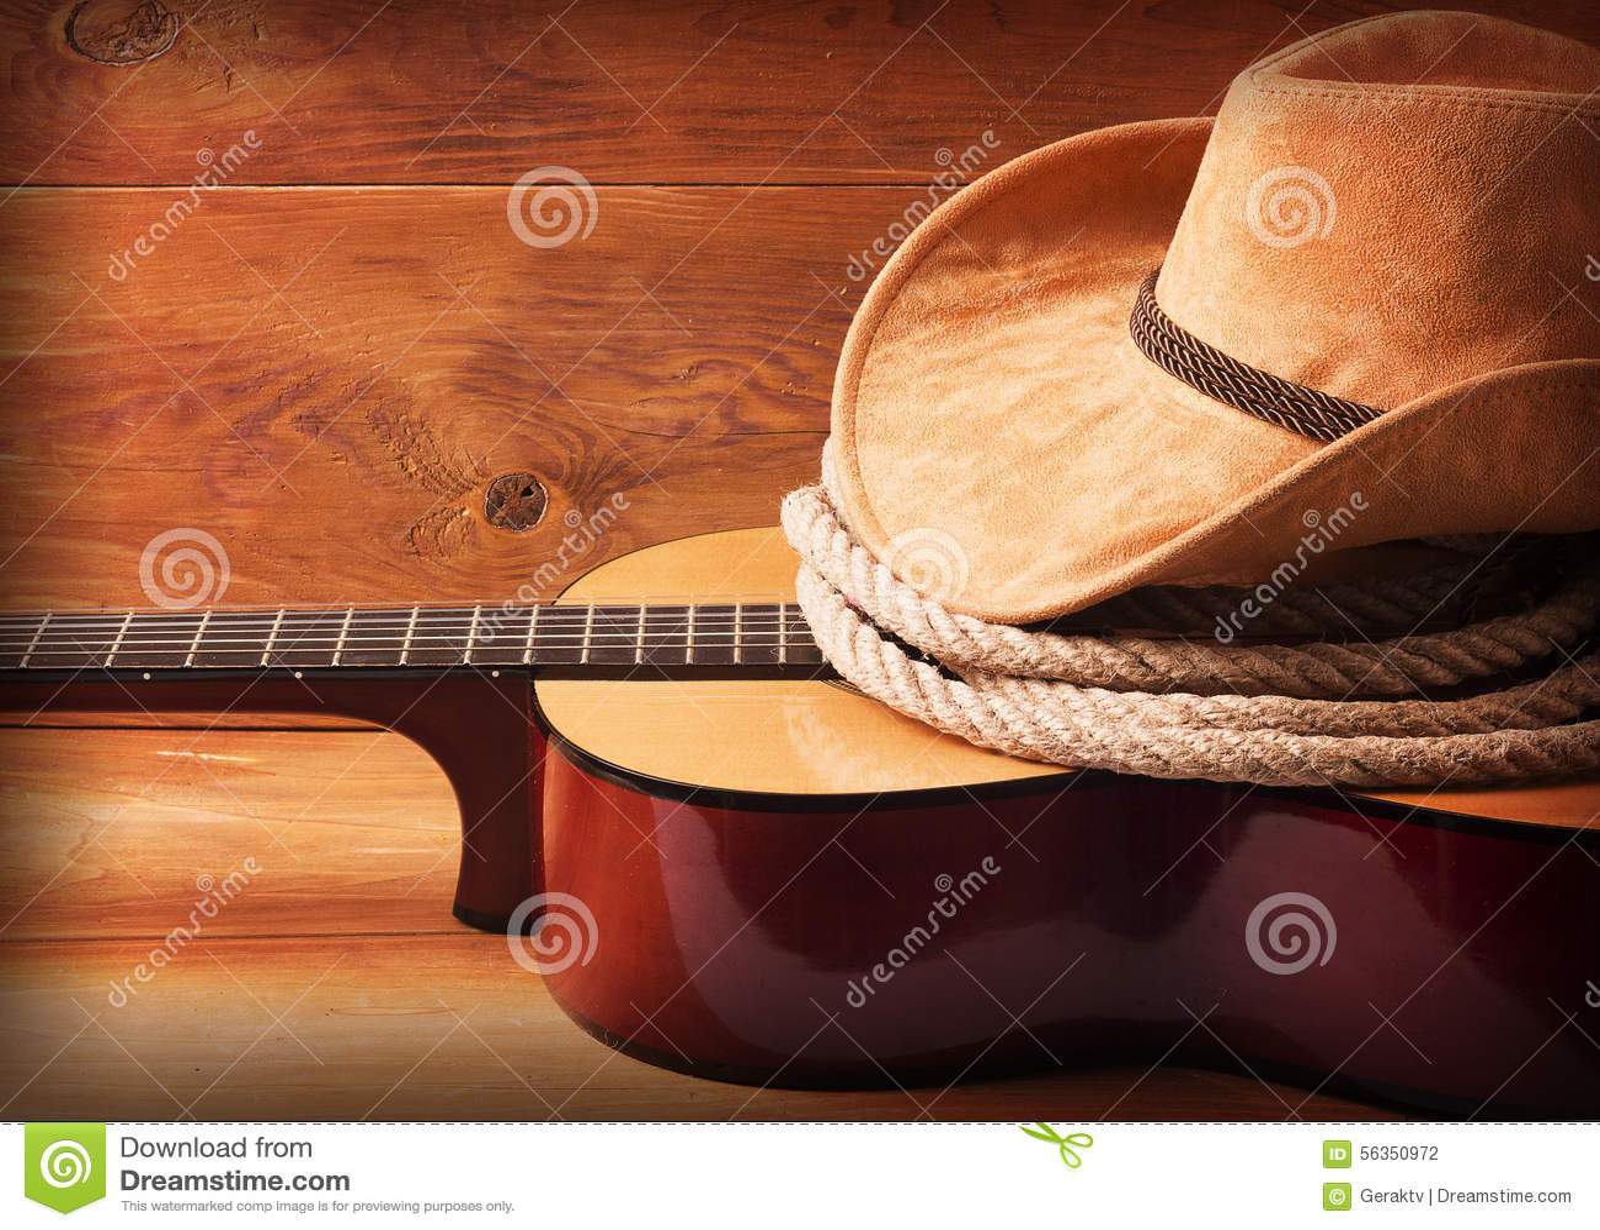 Скачать бесплатно mp3 музыка ковбойская кантри